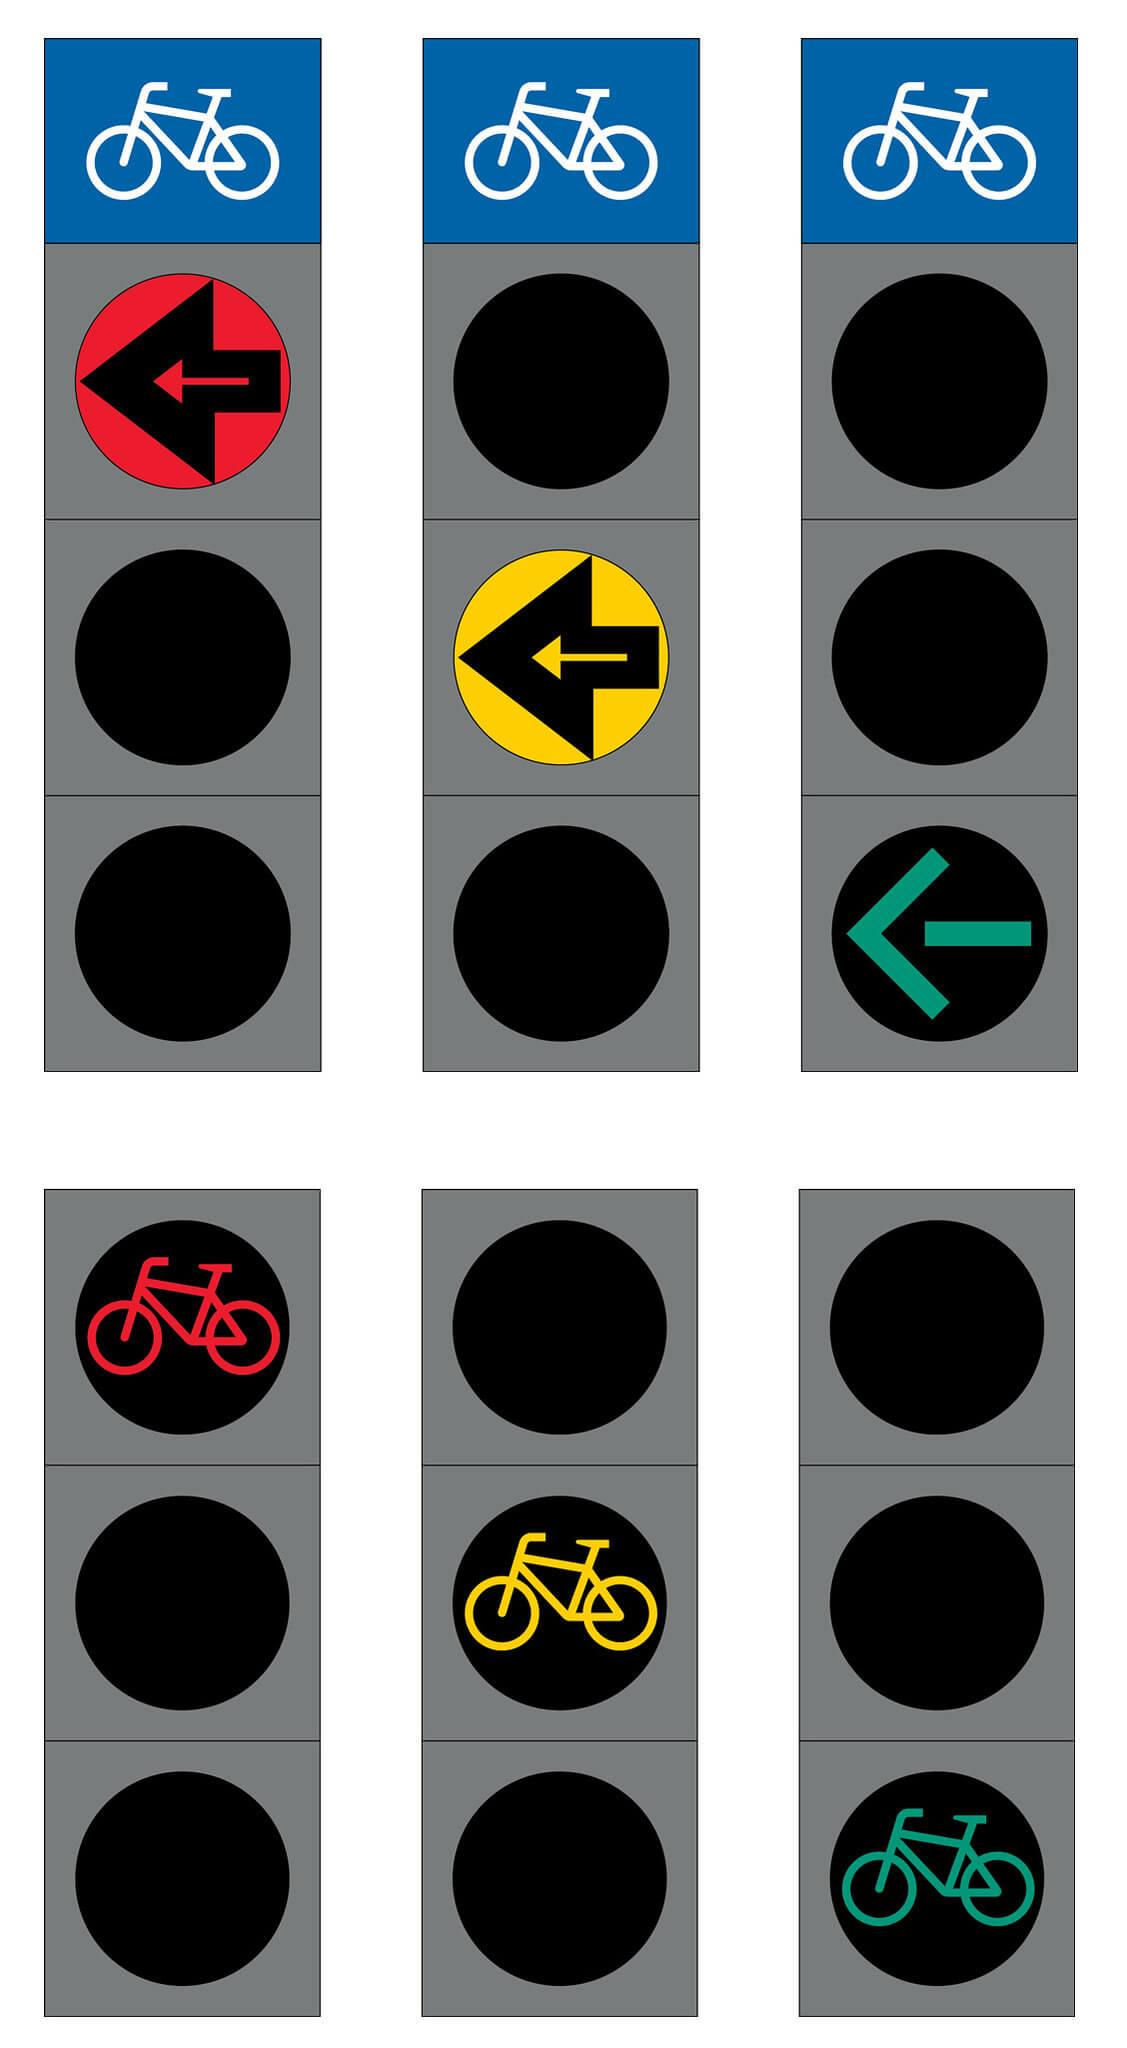 Liikennevalo-opastin 9:Polkupyöräopastin